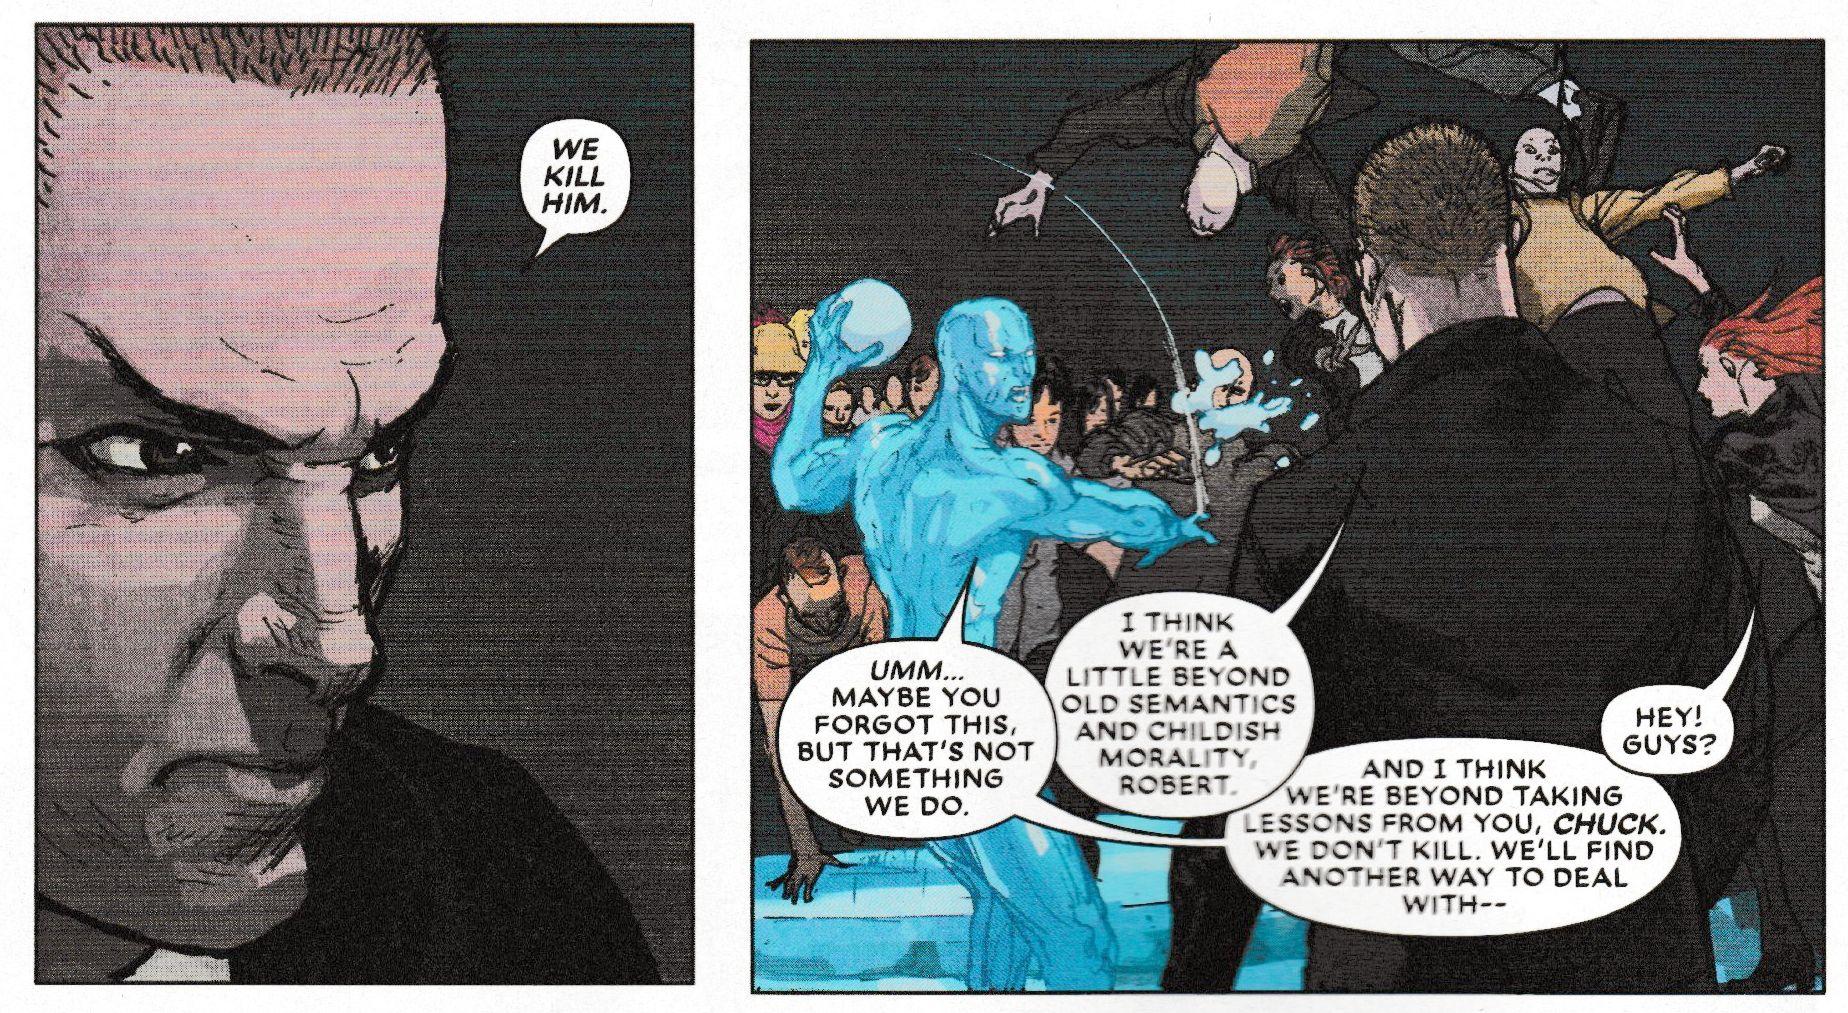 Comic book semantics and locus of control